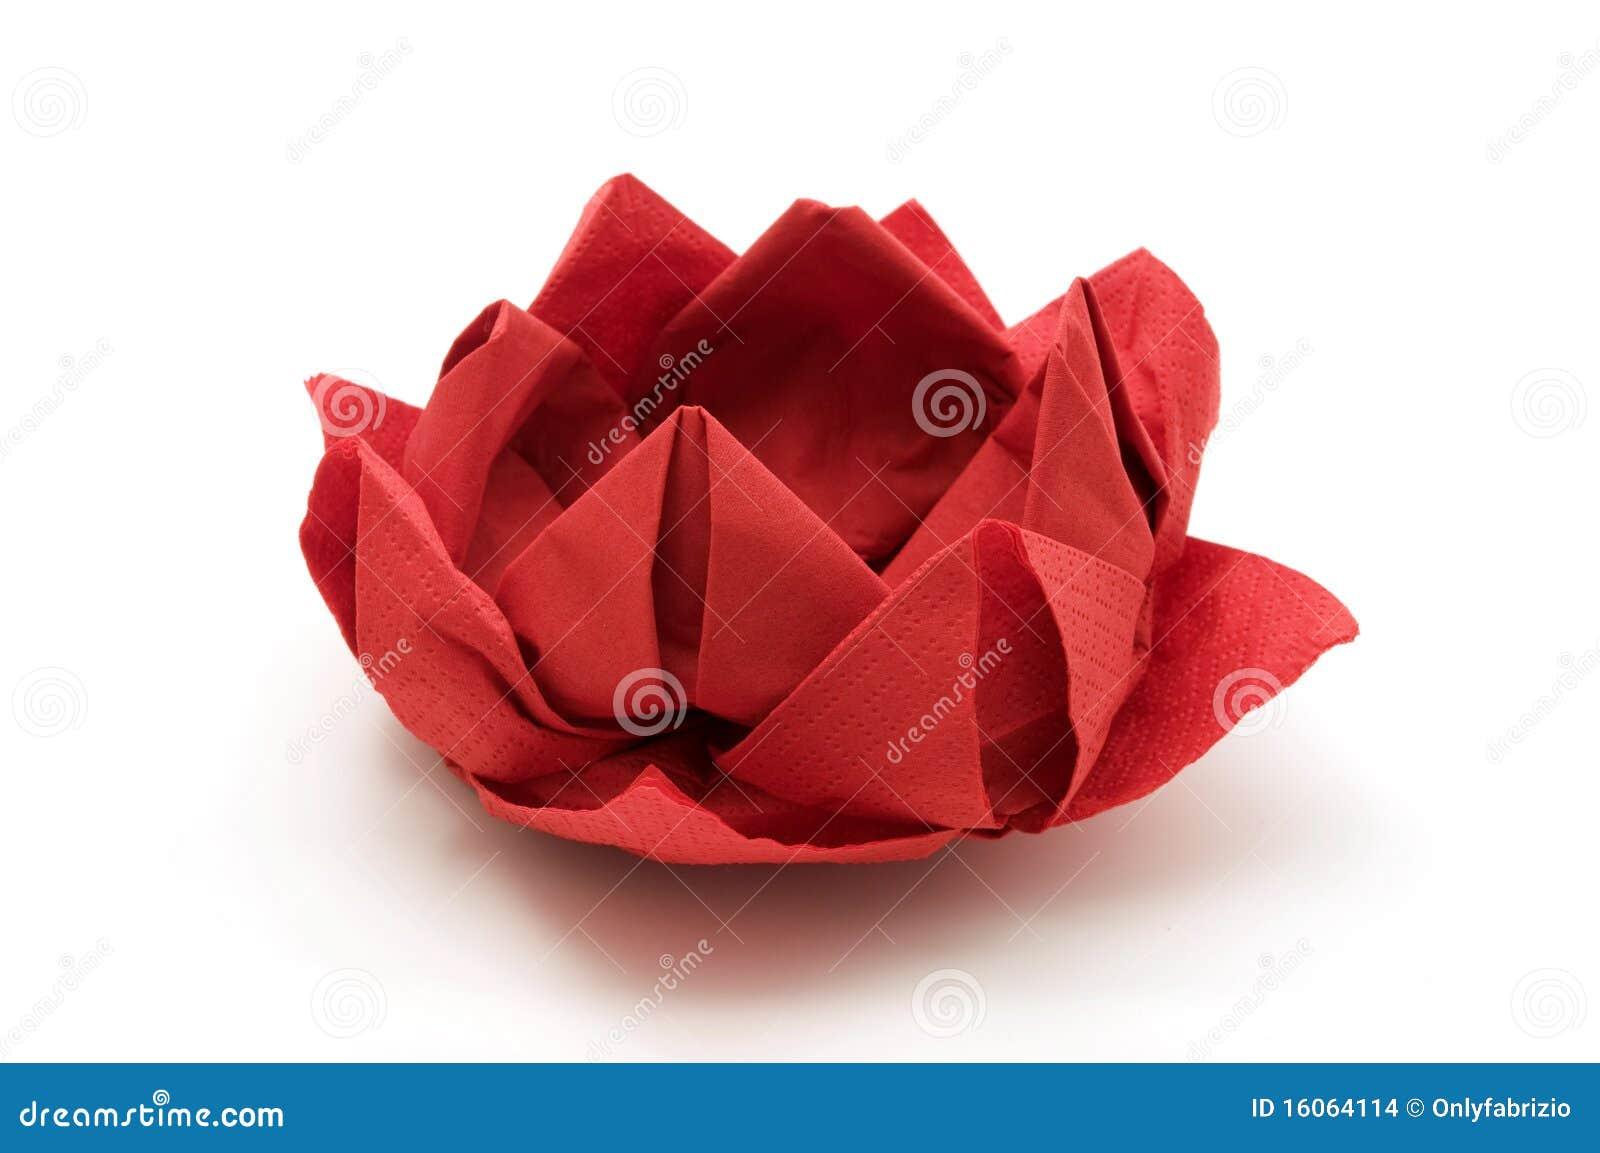 Origami Lotus Flower Paper Lantern